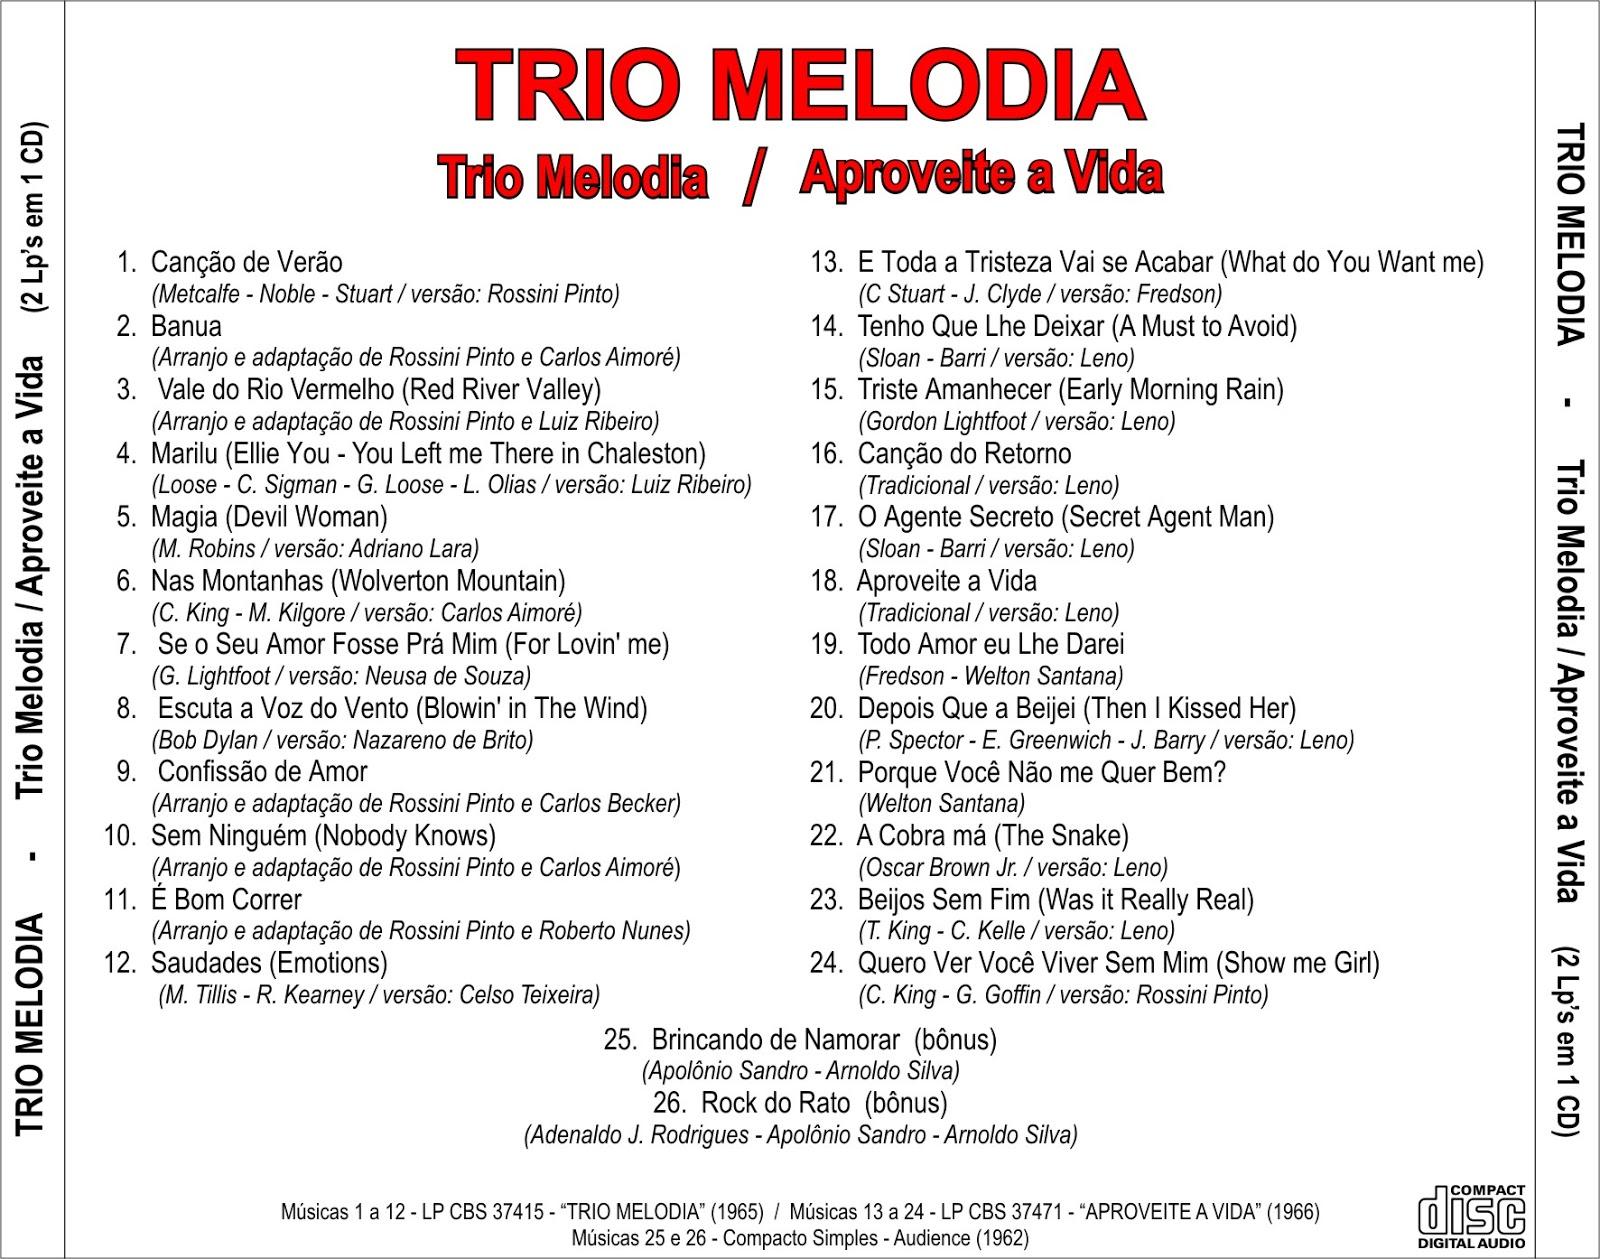 Trio Melodia Aproveite A Vida